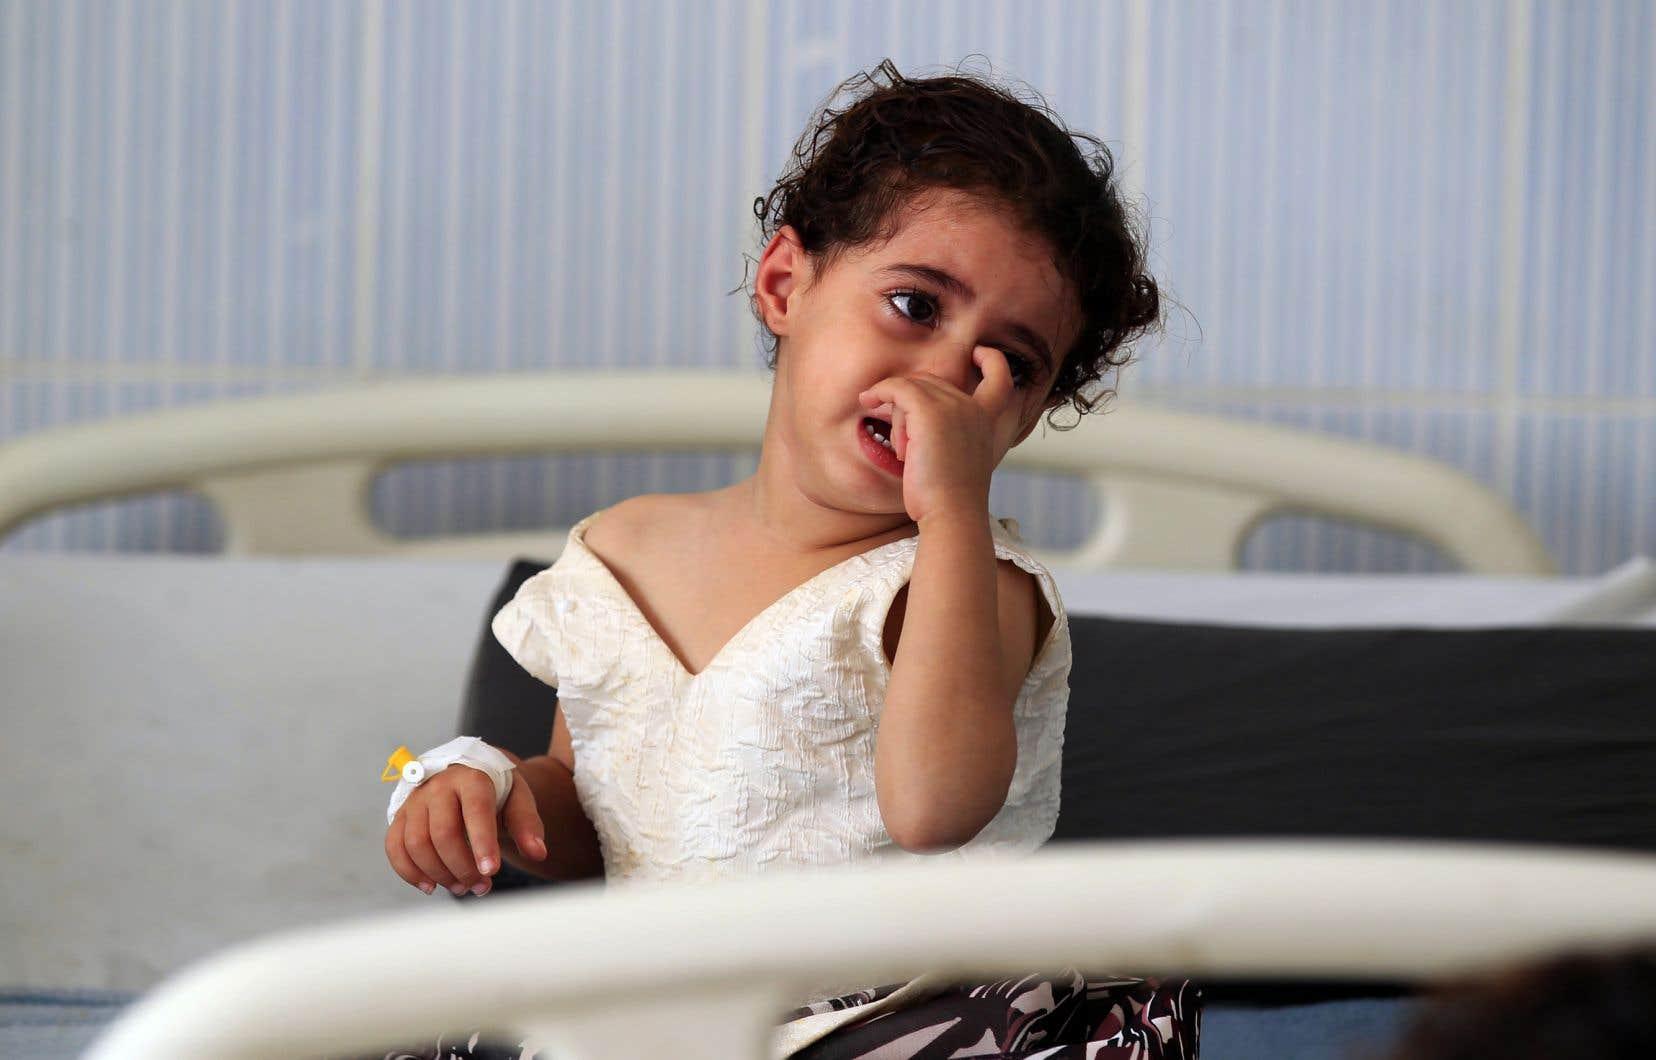 Le Fonds des Nations unies pour l'enfance (Unicef) a jugé dimanche que le pays était devenu un «enfer sur terre» pour les enfants, frappés par la famine.